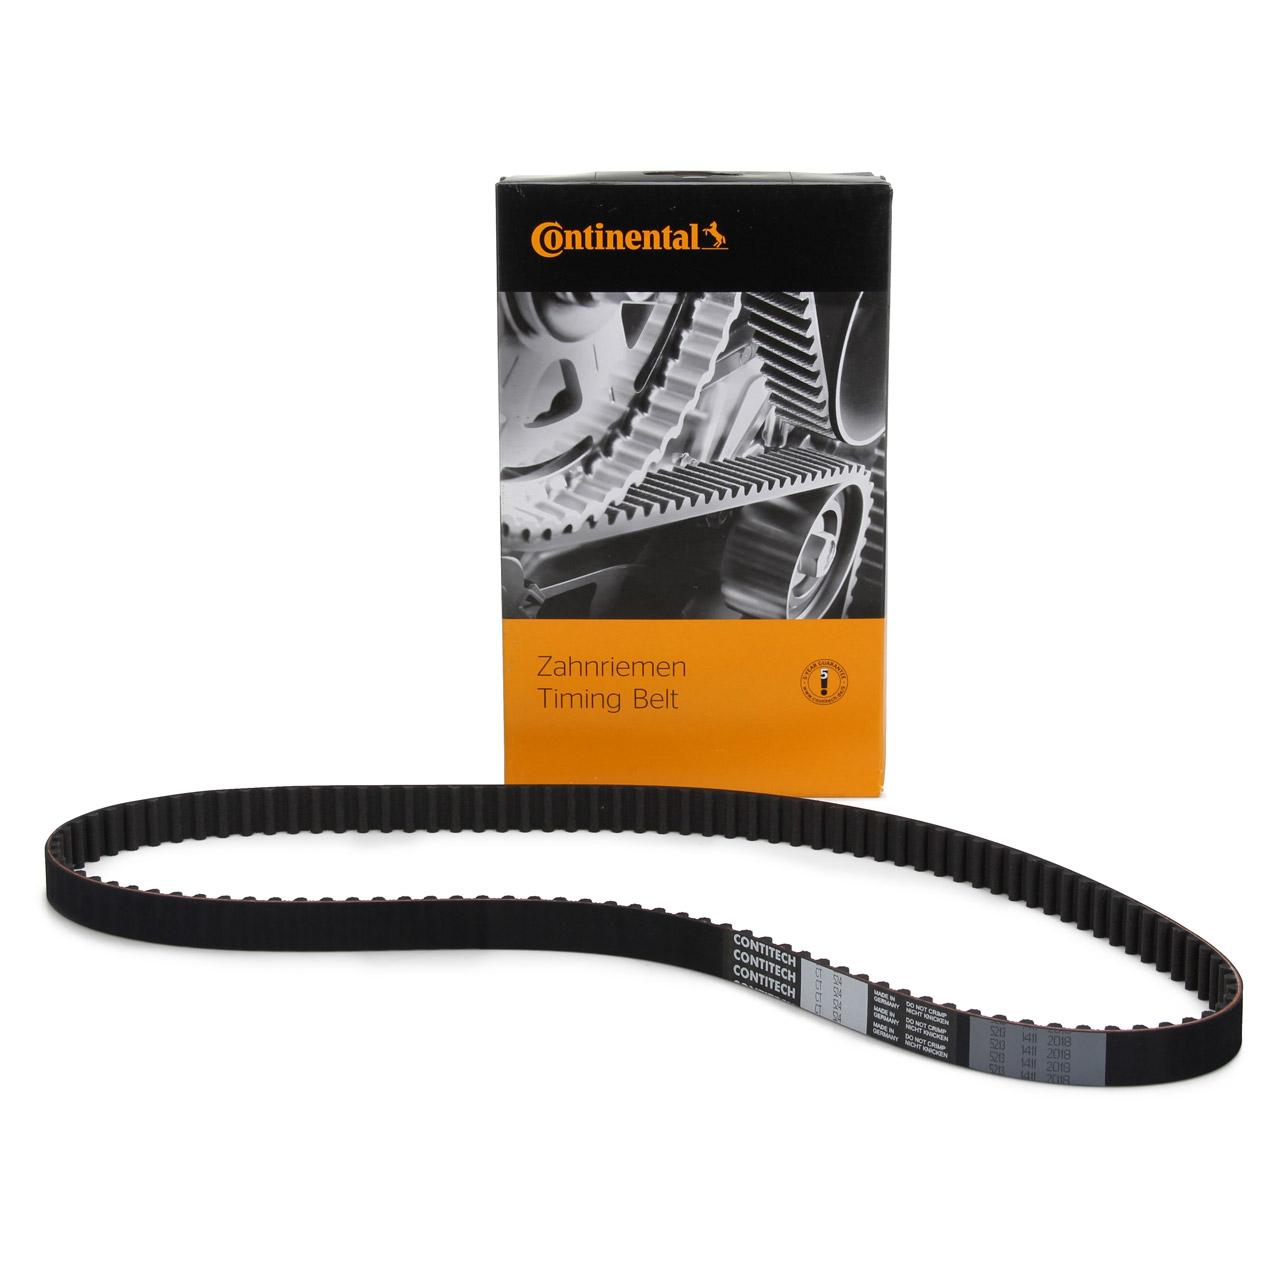 CONTITECH CT524 Zahnriemen PORSCHE 924 2.5 S 944 2.5 / Turbo 2.7 94410515704